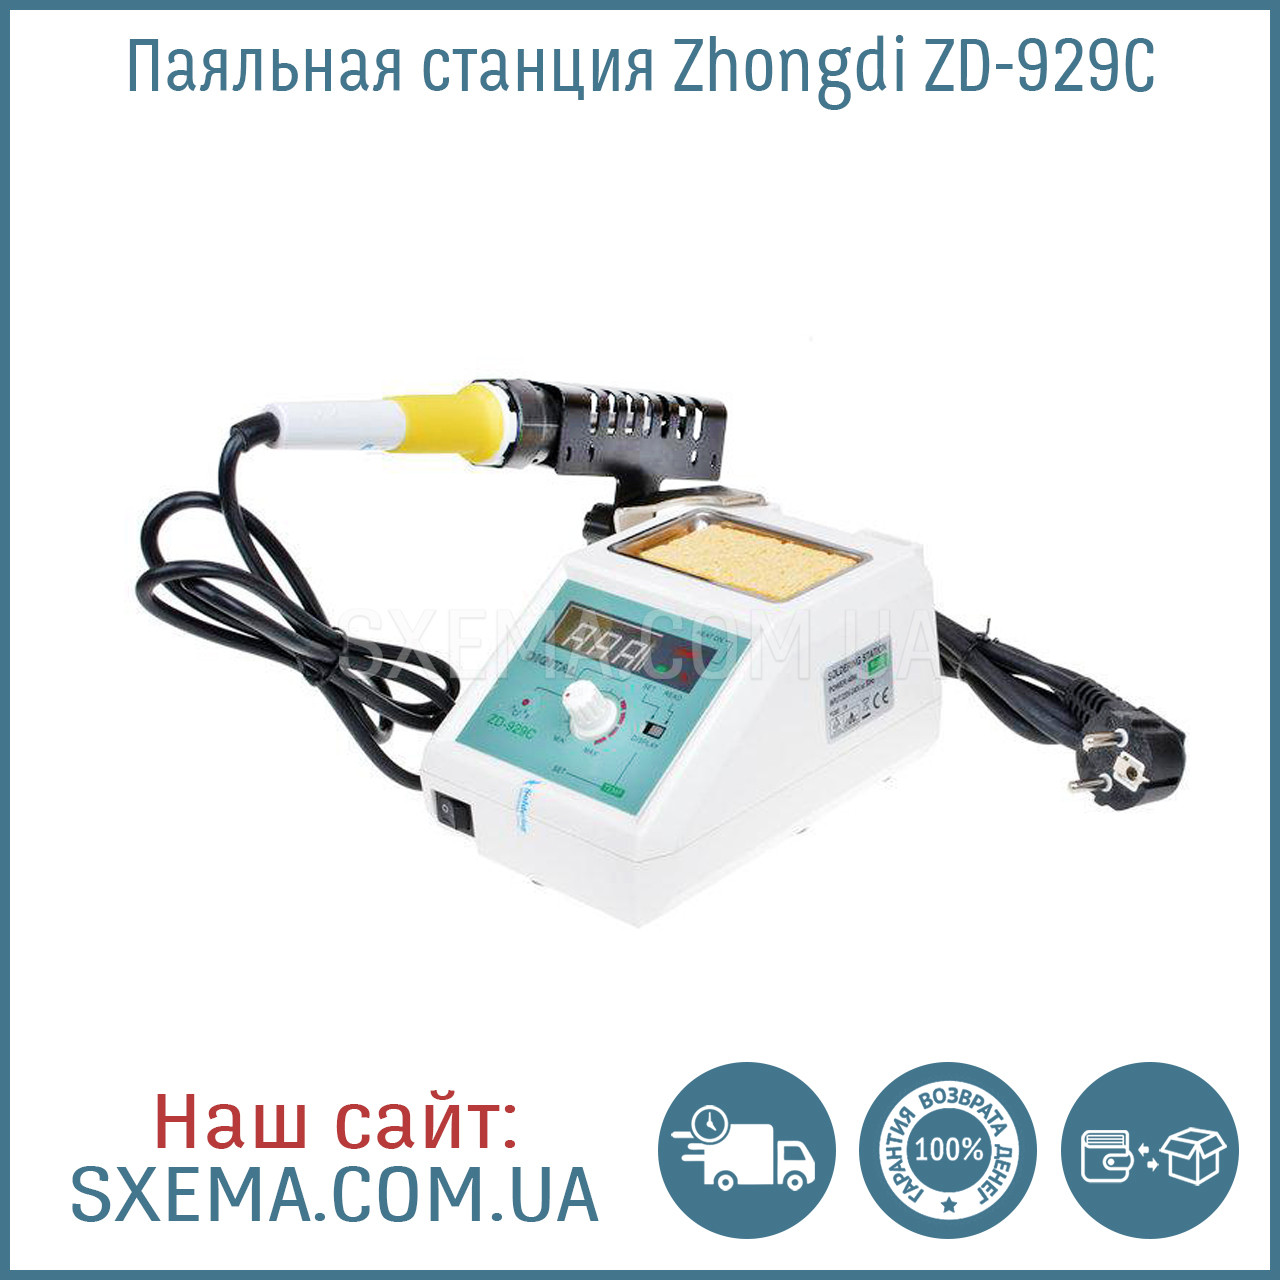 Паяльная станция Zhongdi ZD-929C паяльник с блоком регулировки температуры